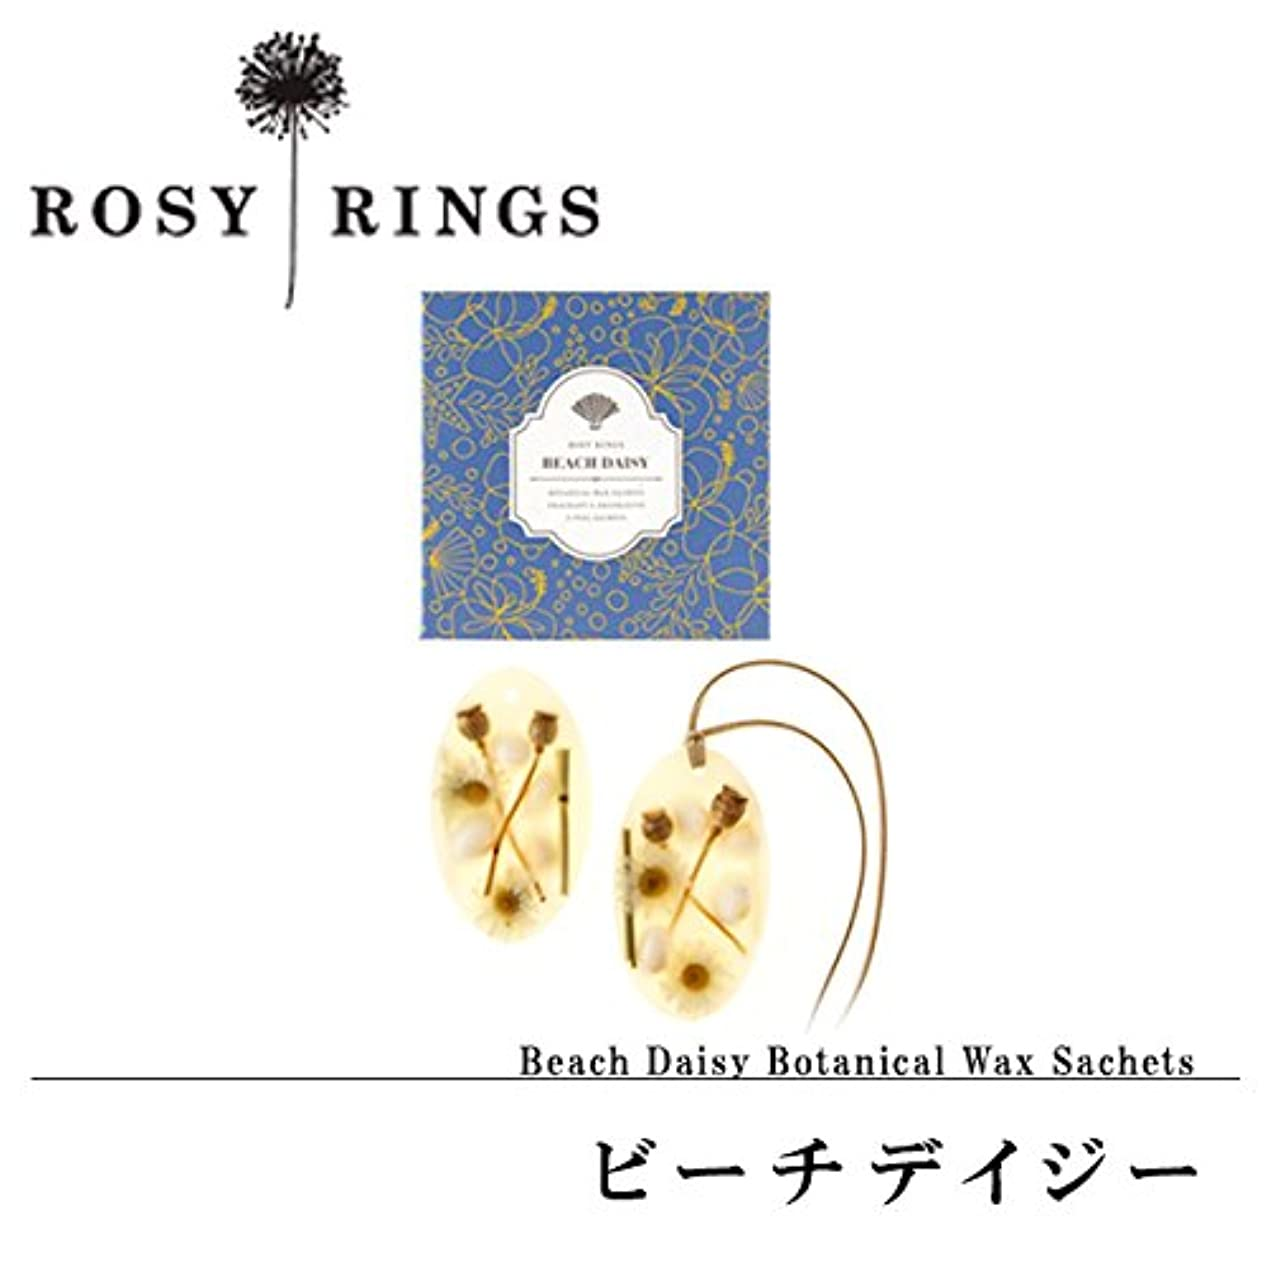 ハイランドコーストチの実の木ロージーリングス ボタニカルワックス サシェ オーバル ビーチデイジー